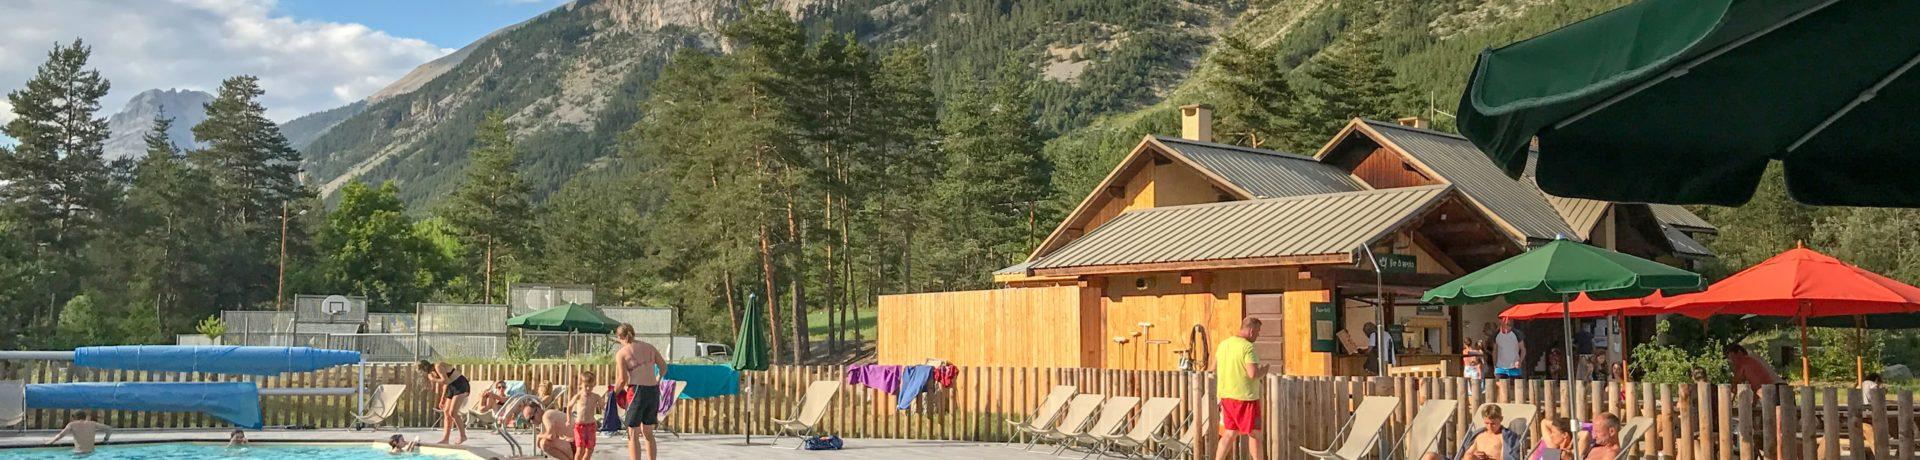 Camping Huttopia la Clarée in Val-des-Près is een natuurcamping in Provence-Alpes-Côte d'Azur gelegen in de bergen in het departement Hautes-Alpes.